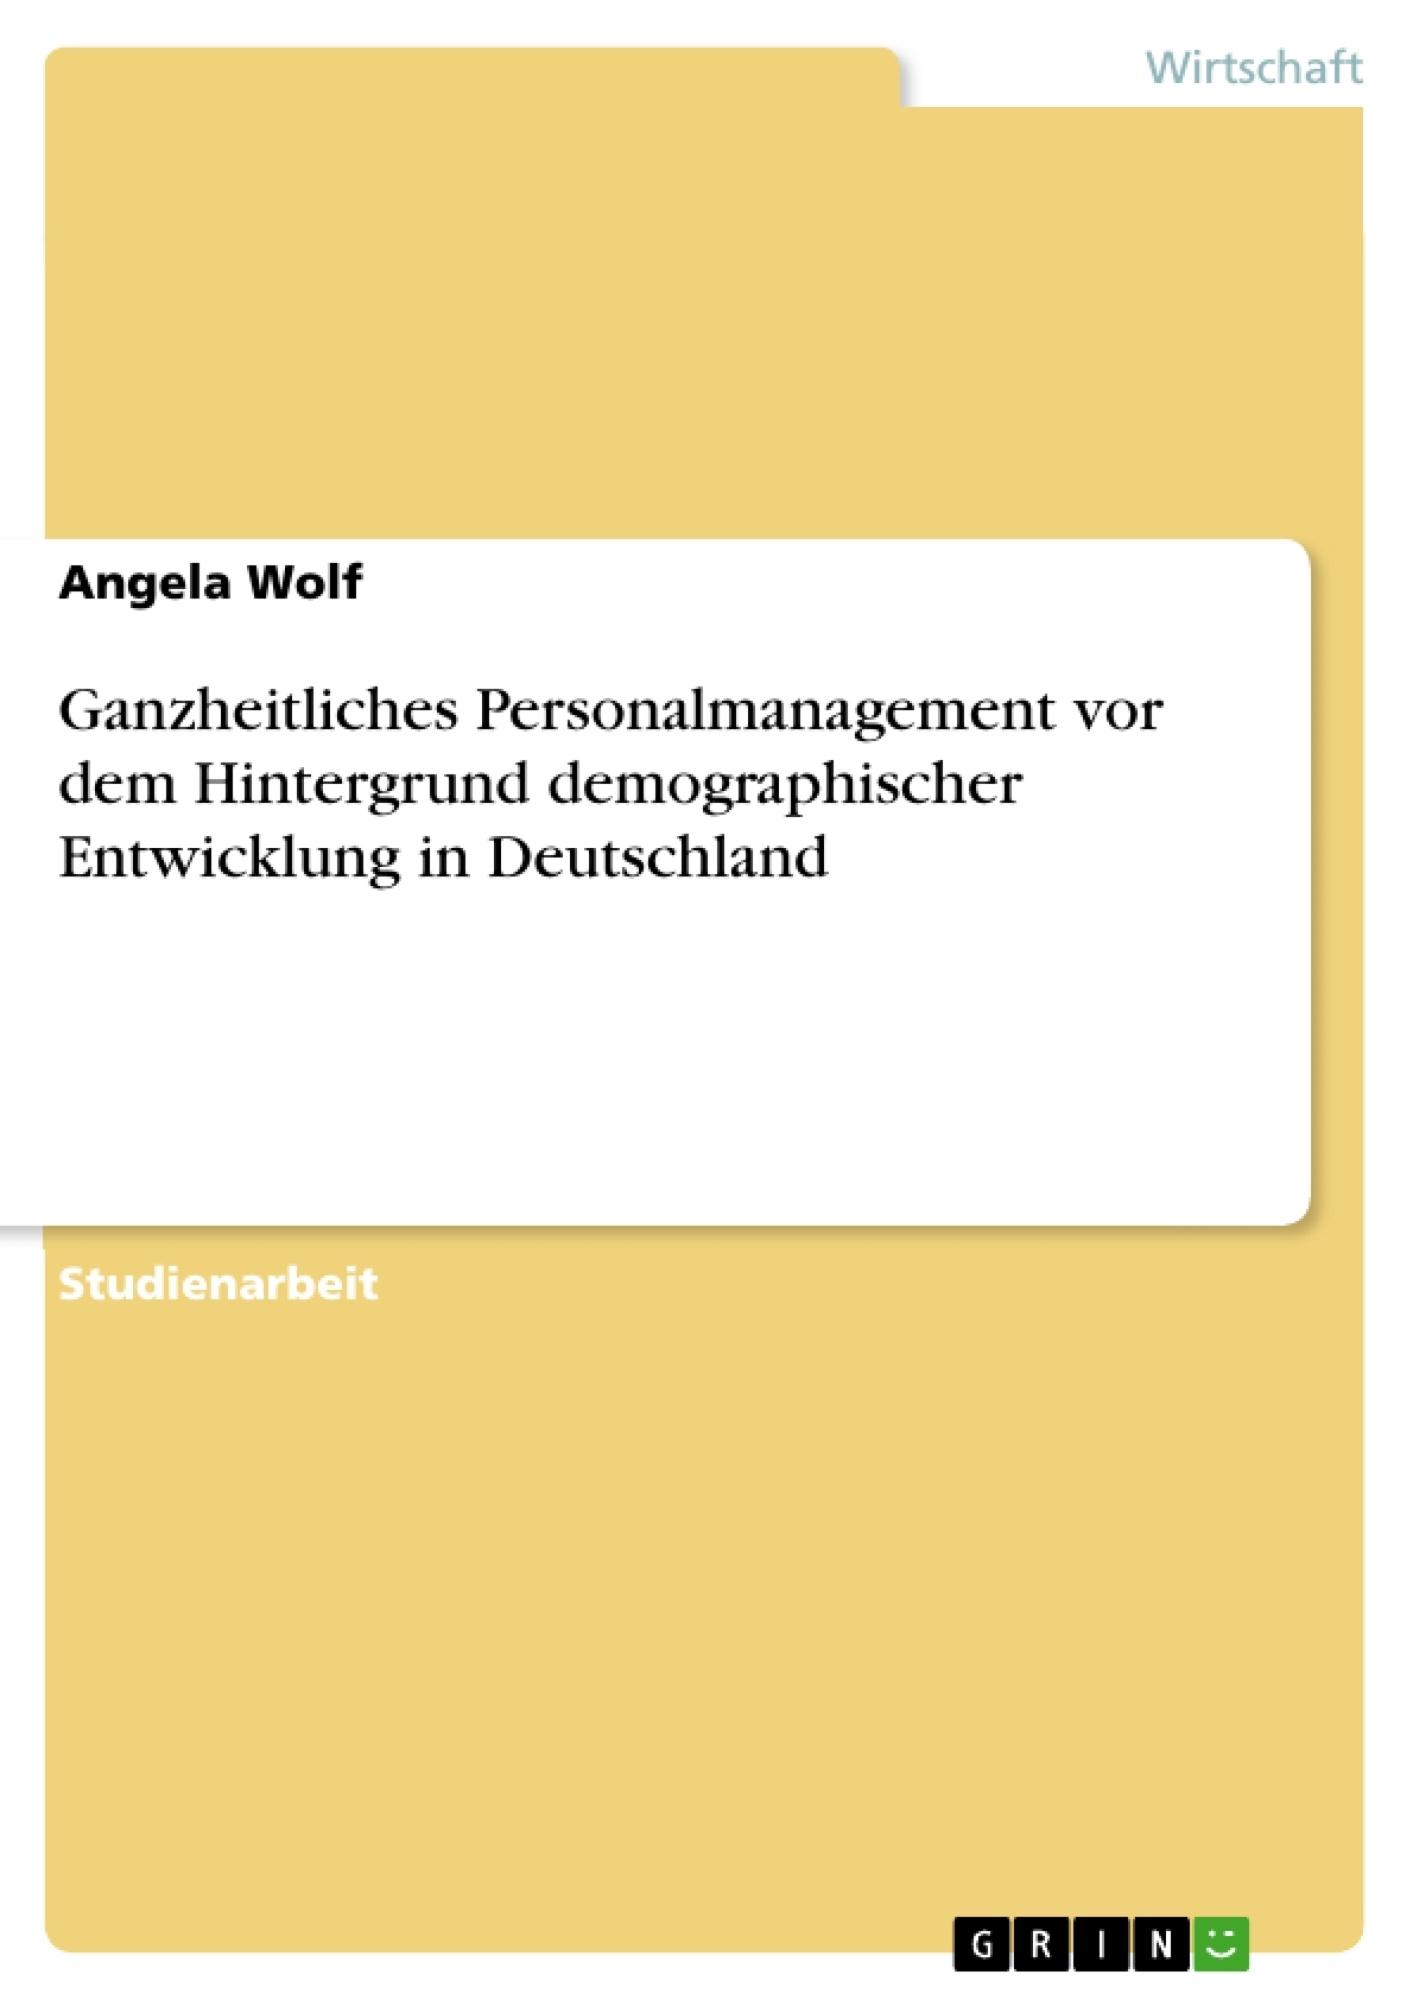 Titel: Ganzheitliches Personalmanagement vor dem Hintergrund demographischer Entwicklung in Deutschland